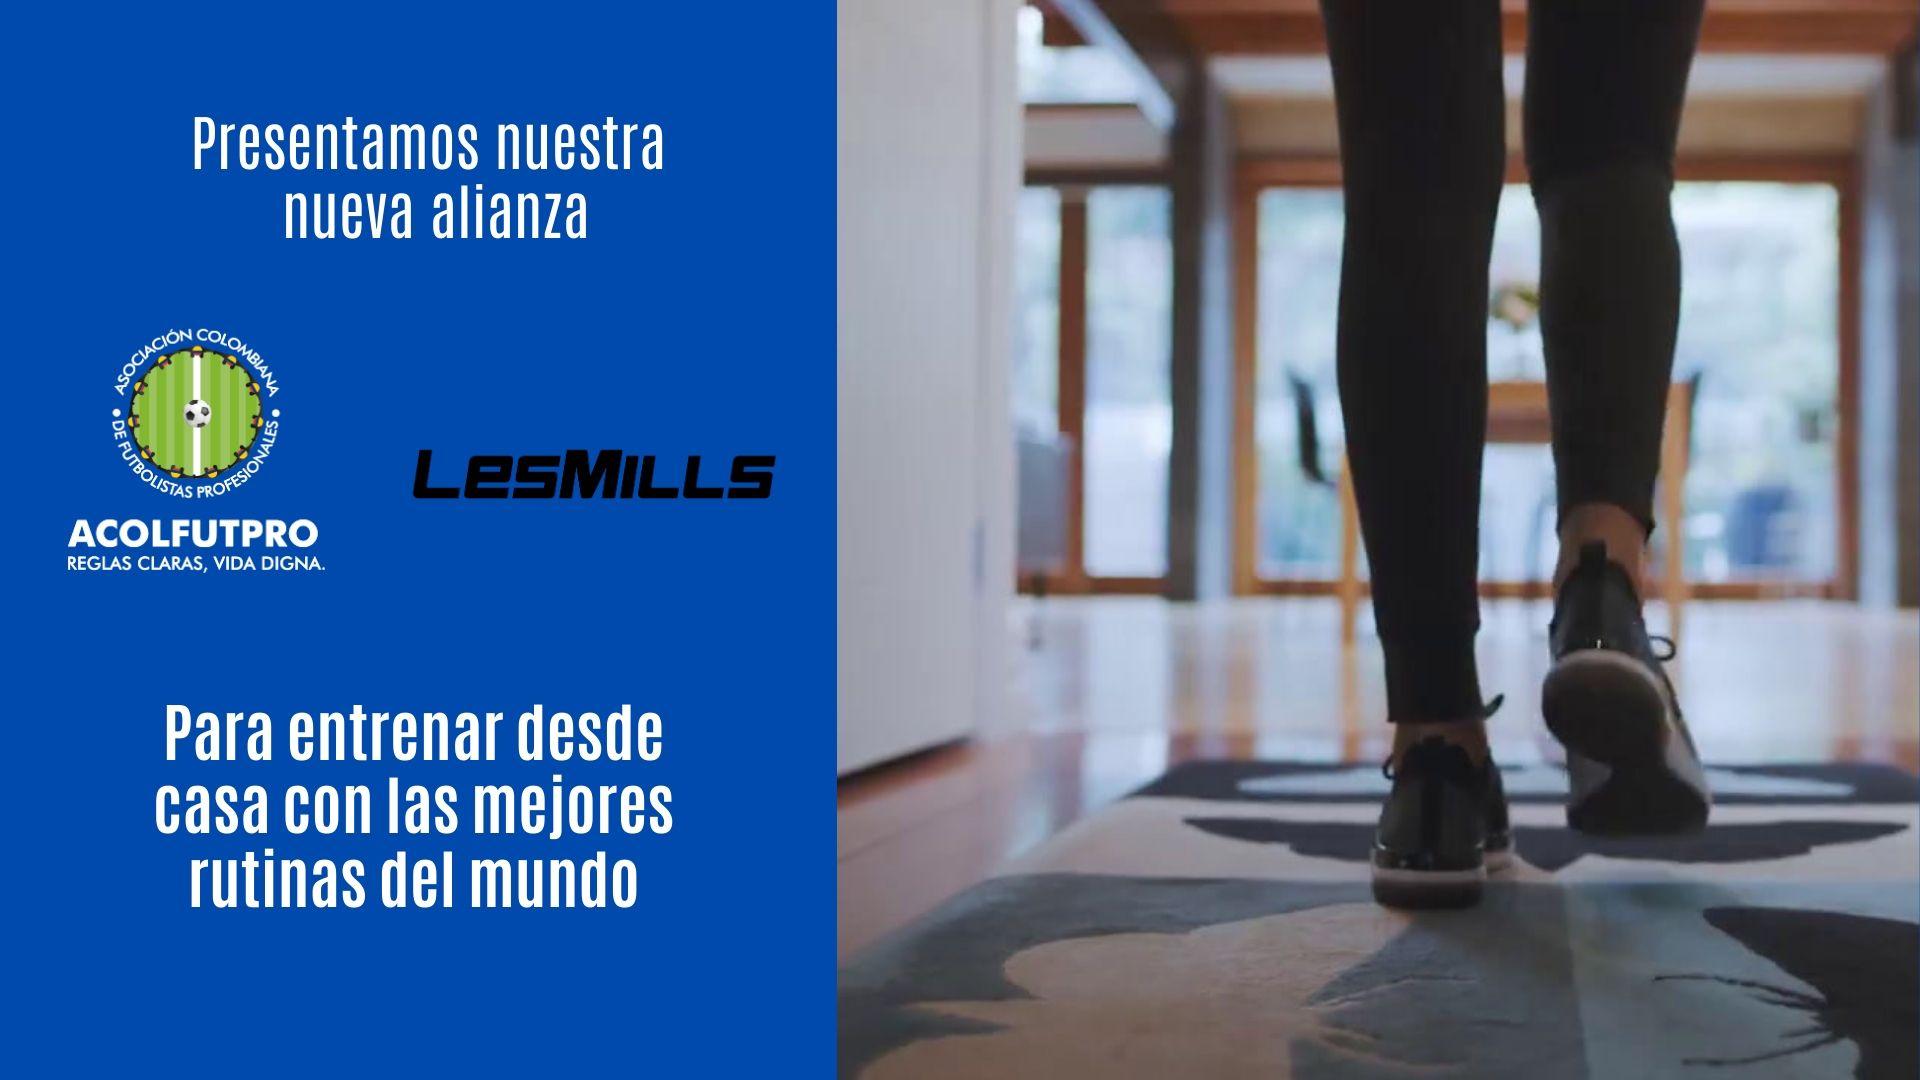 Nueva alianza de ACOLFUTPRO con Les Mills para disfrutar en familia del entrenamiento en casa